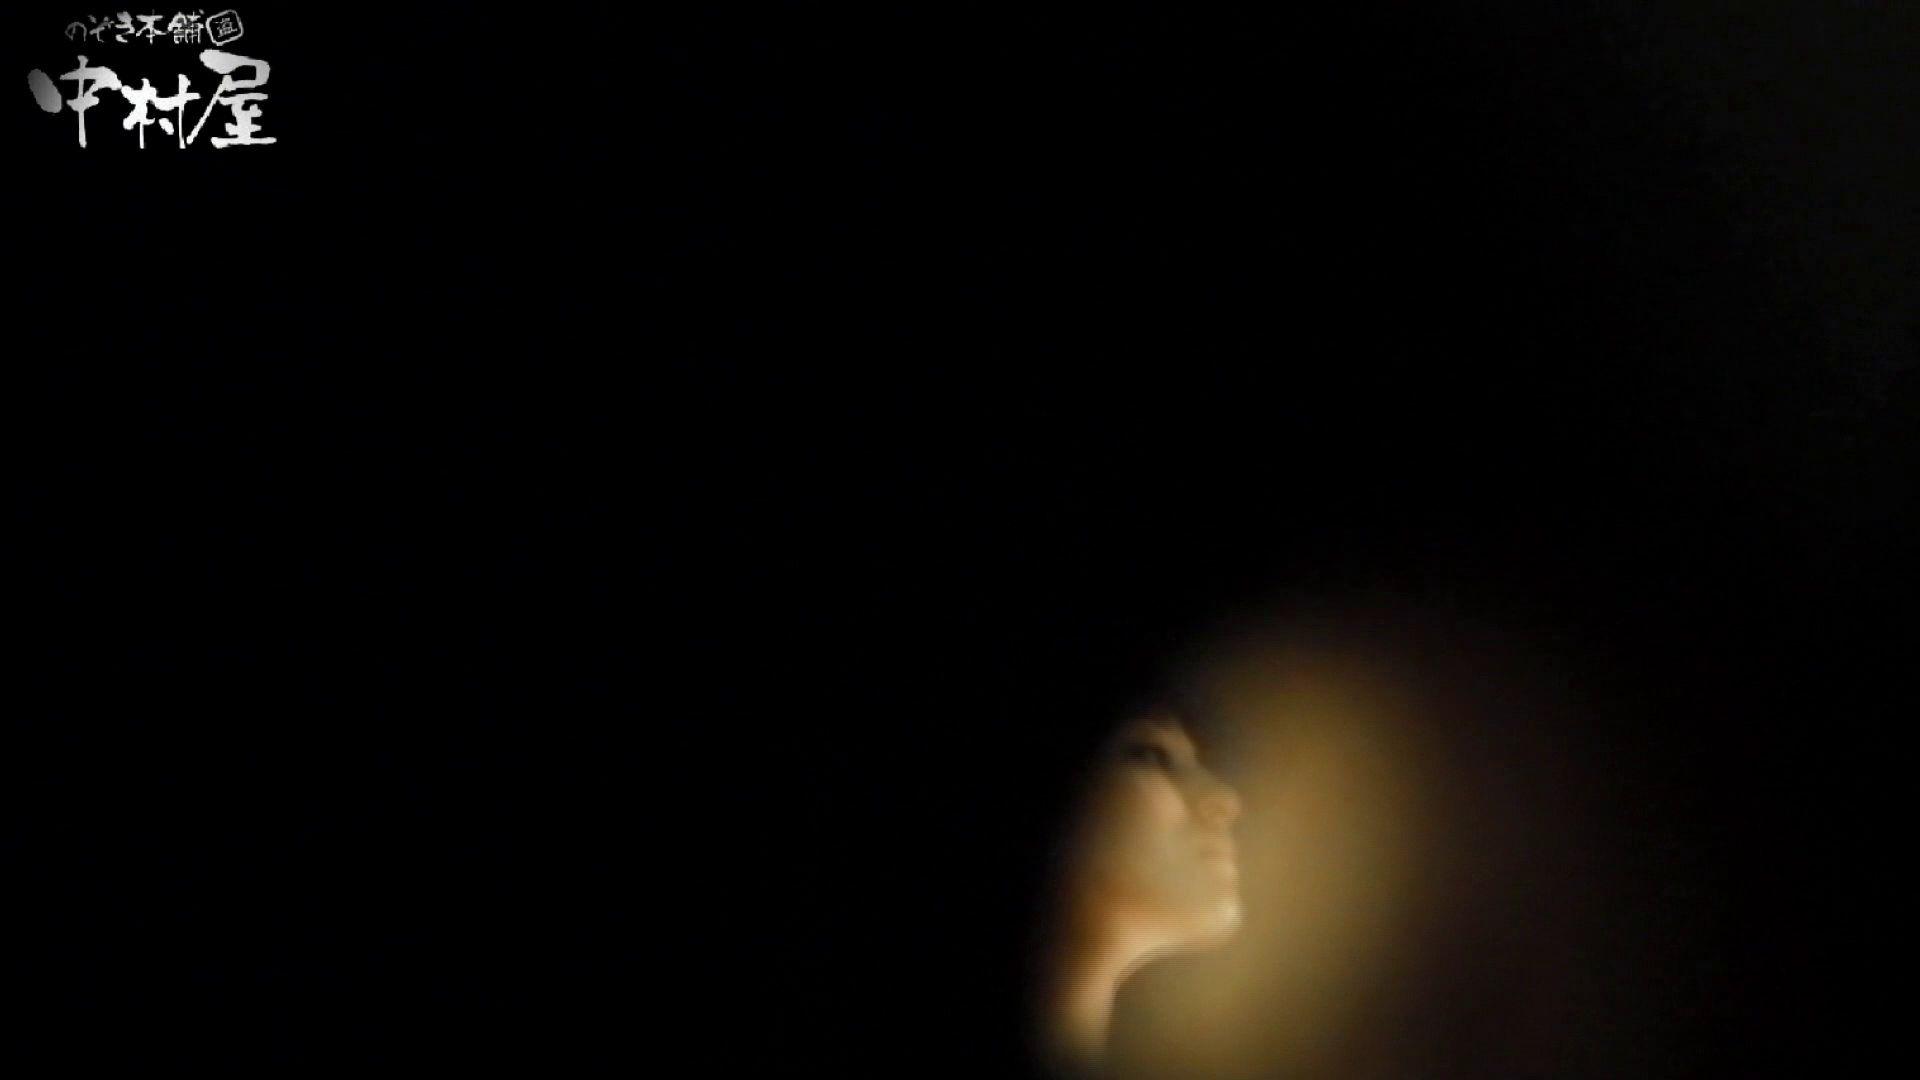 世界の射窓から~ステーション編~vol46 美女のアップが盛りだくさん。後編 美女 | HなOL  61pic 12